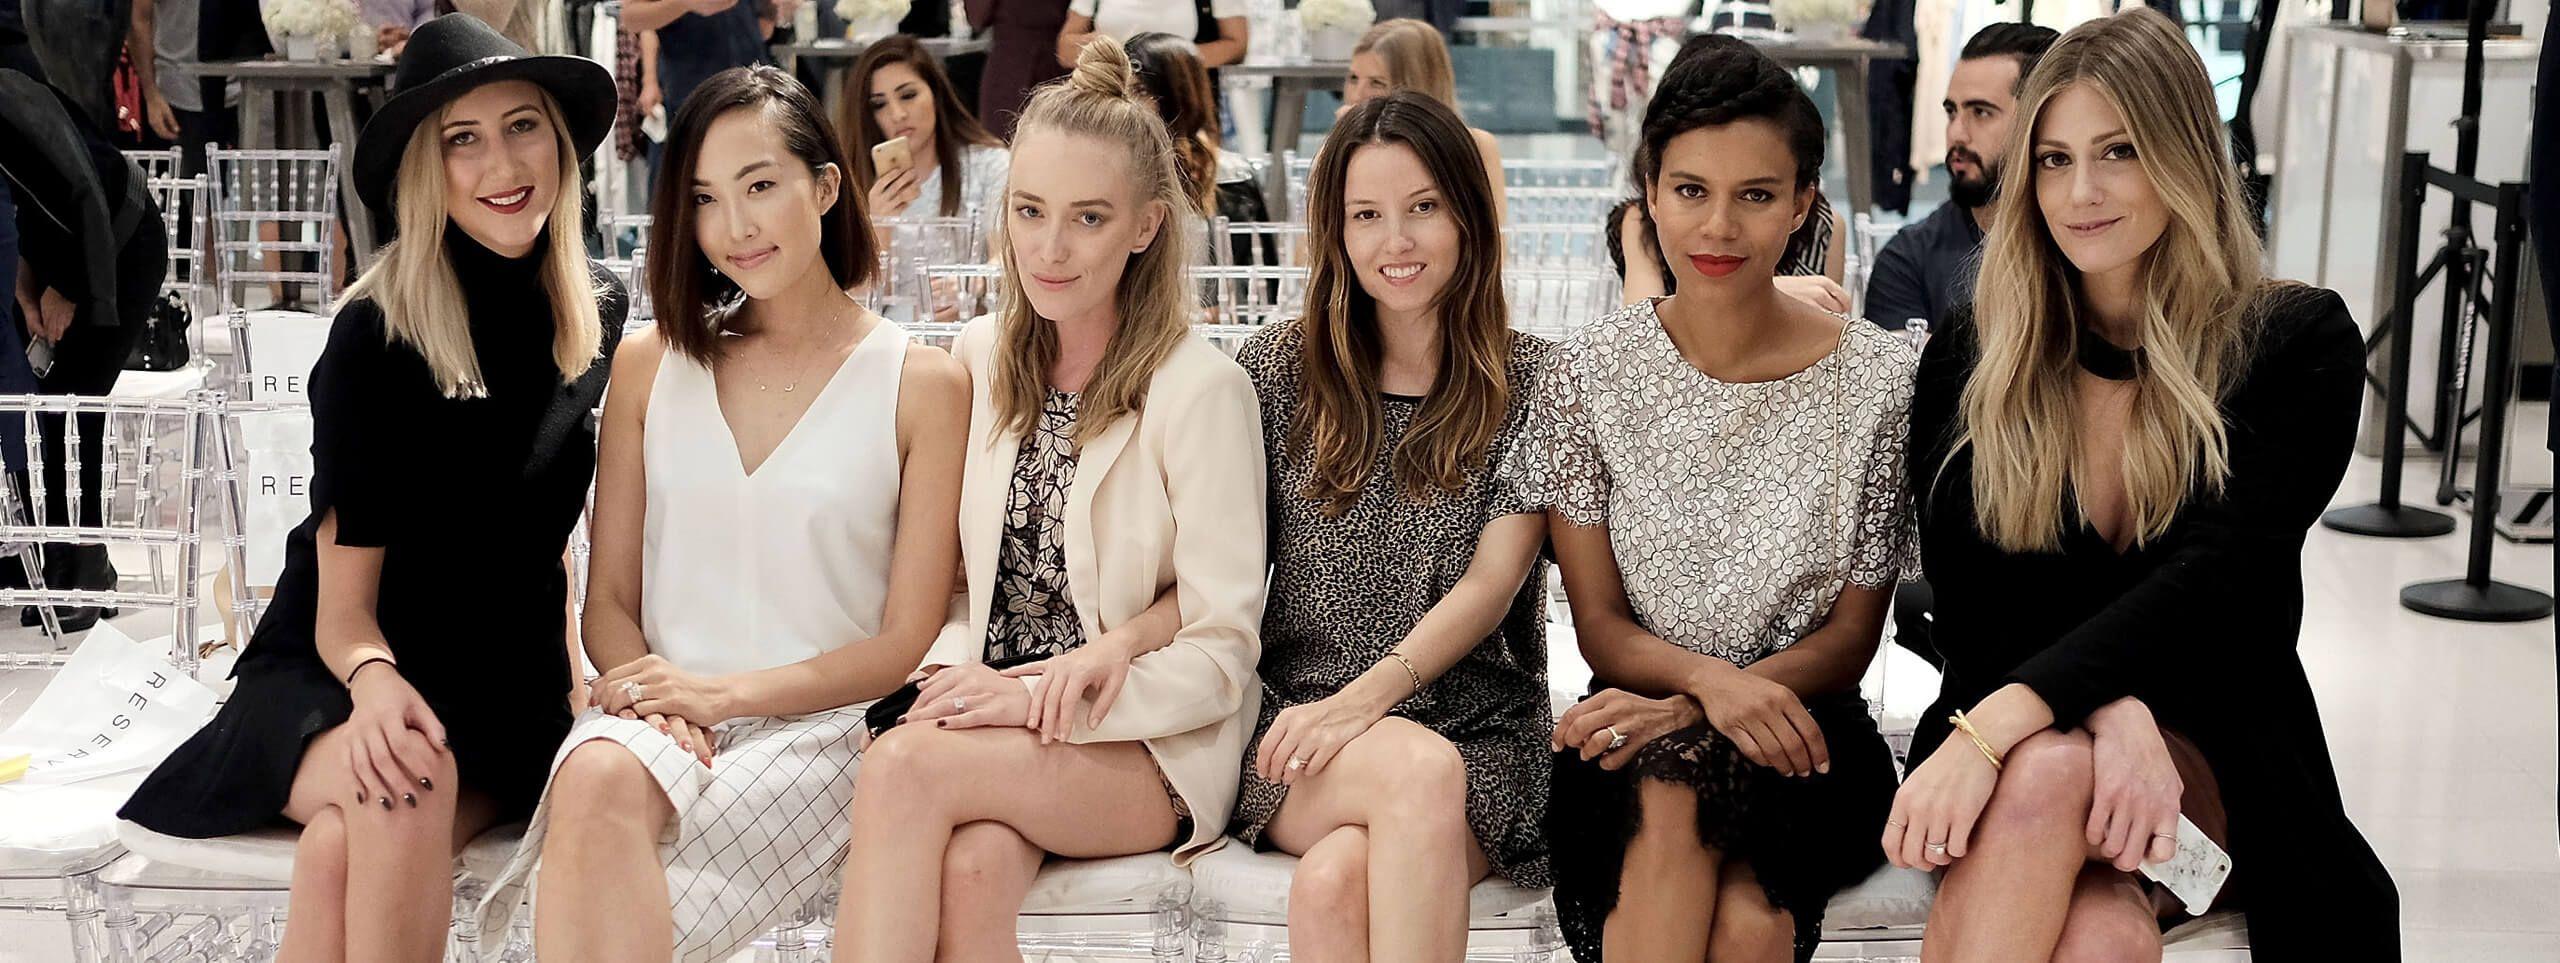 6 femmes assises sur un banc